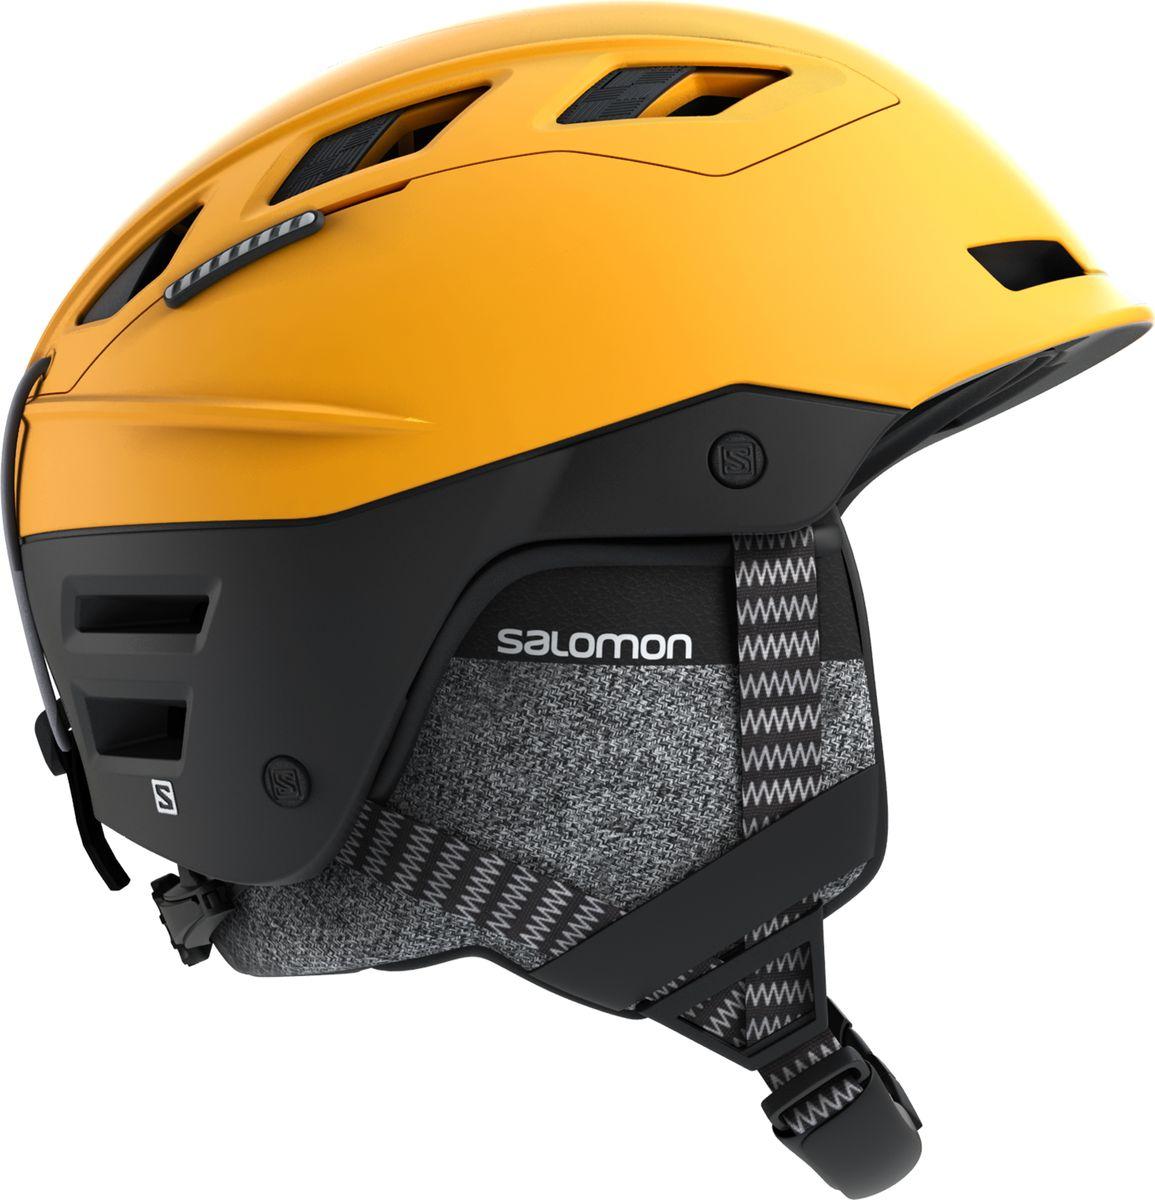 Шлем горнолыжный Salomon QST Charge, цвет: желтый. Размер S (53-56)